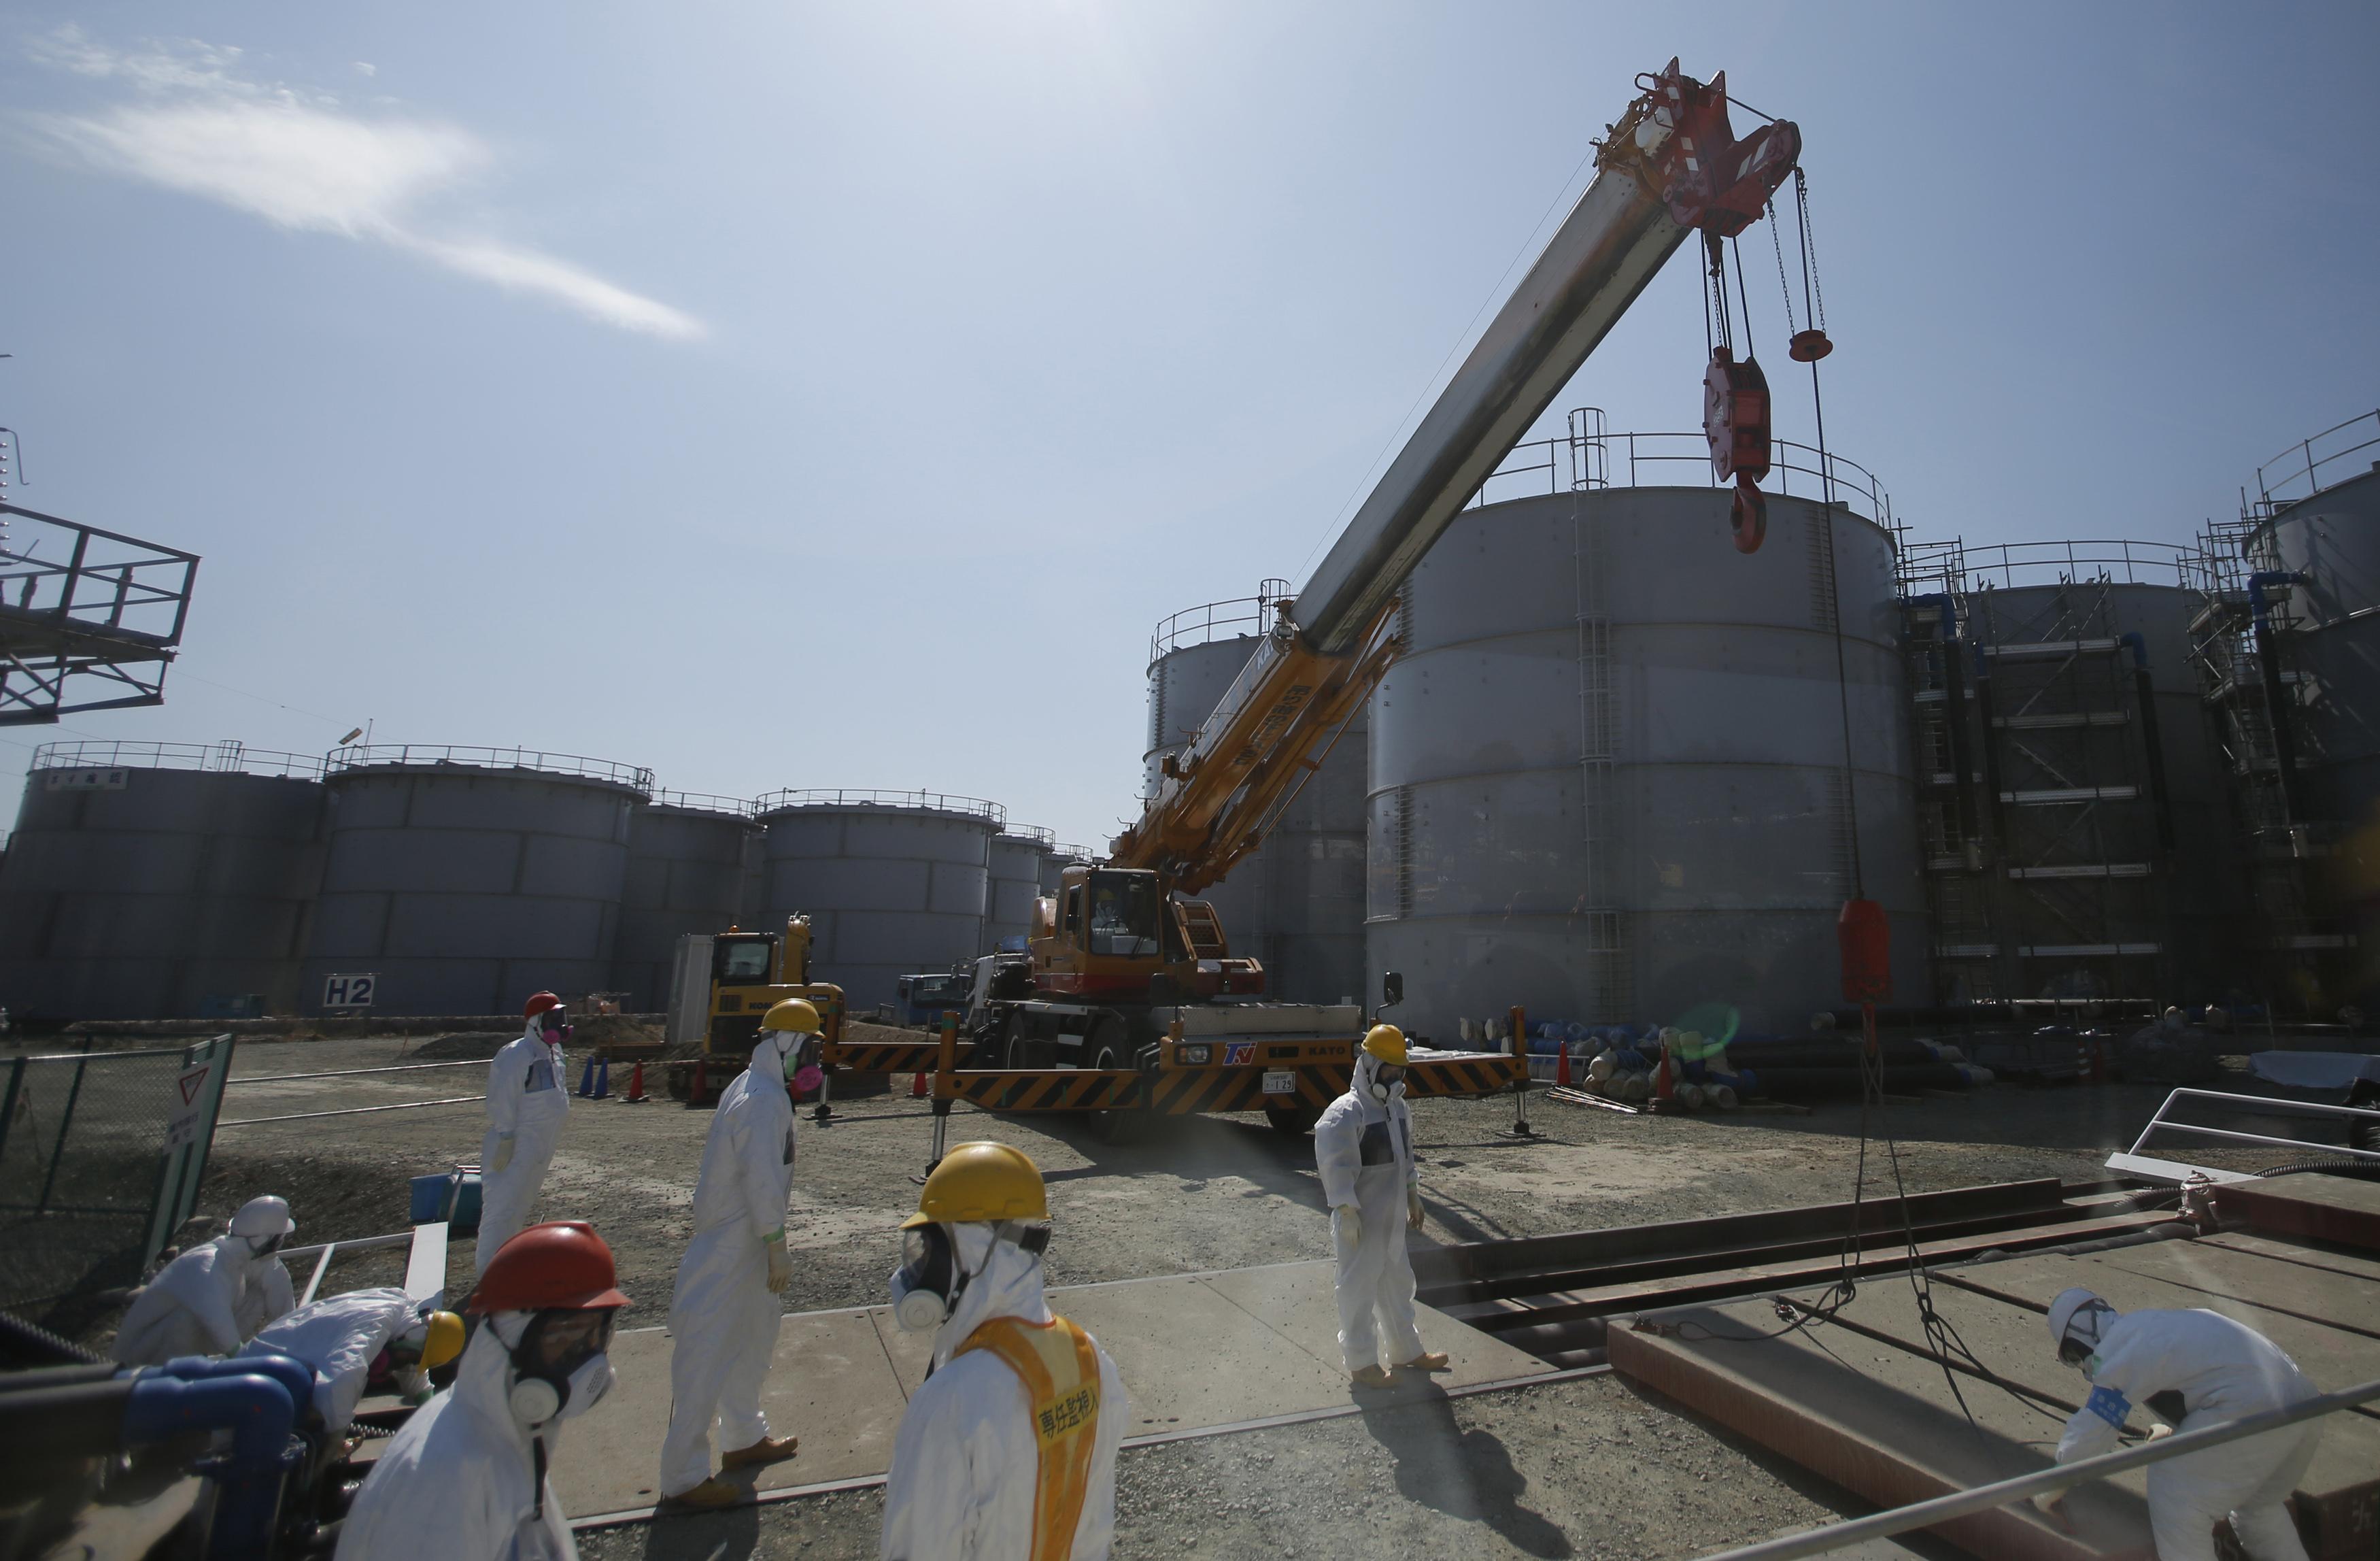 Des travailleurs prêts d'un réservoir d'eau de la centrale de Fukushima au Japon © AFP PHOTO / POOL / Issei KATO